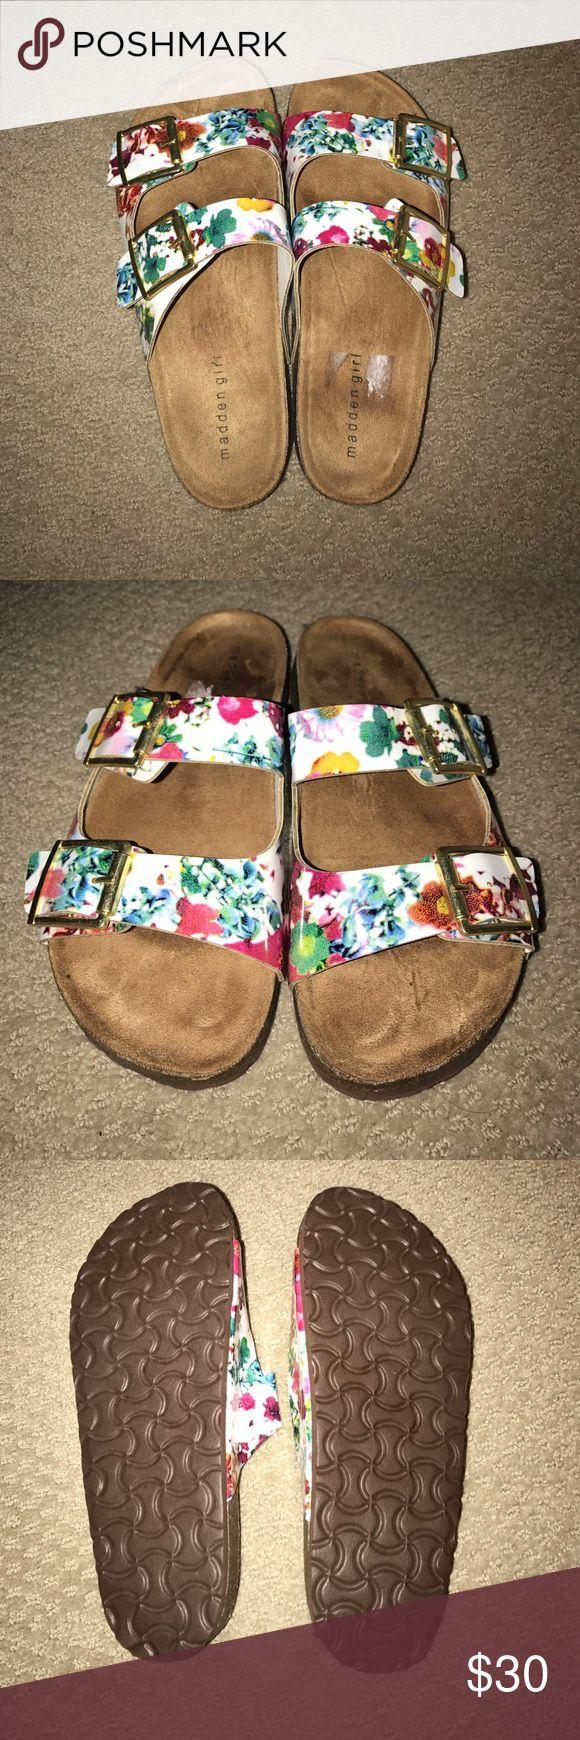 Madden Girl Birkenstocks Floral Madden Girl Birkenstocks Steve Madden Shoes Sandals